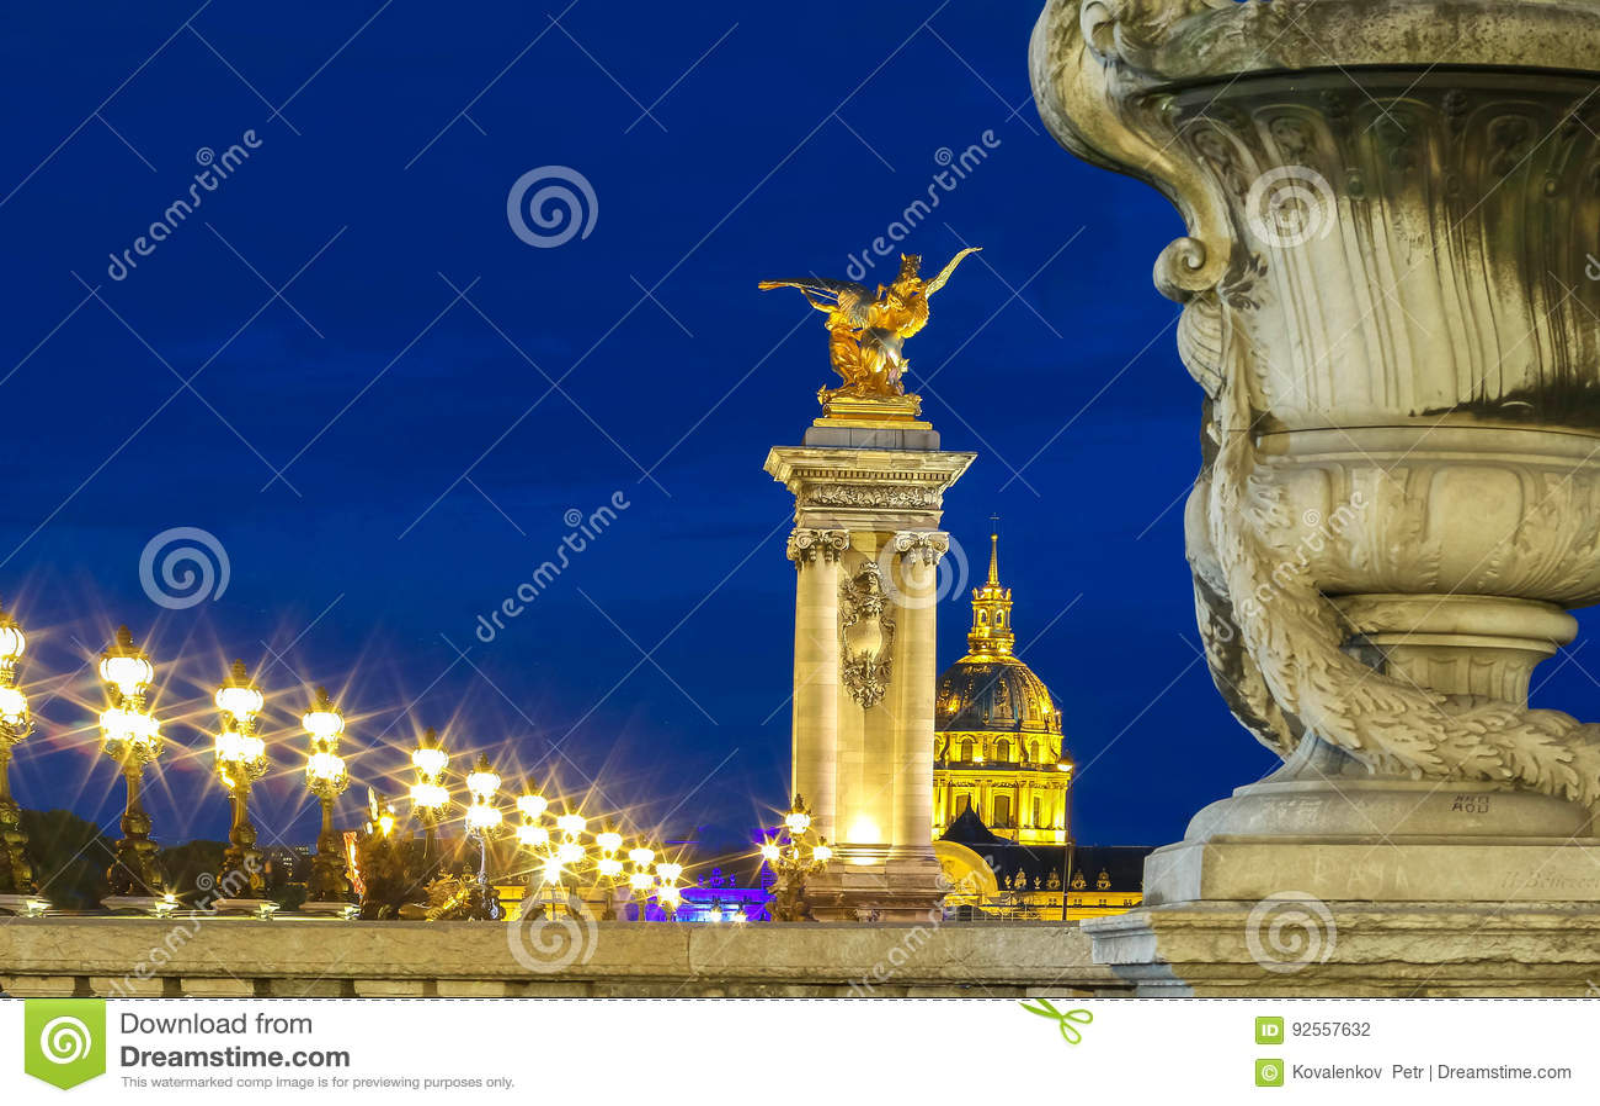 Il ponte famoso di Alexandre III, Parigi, Francia